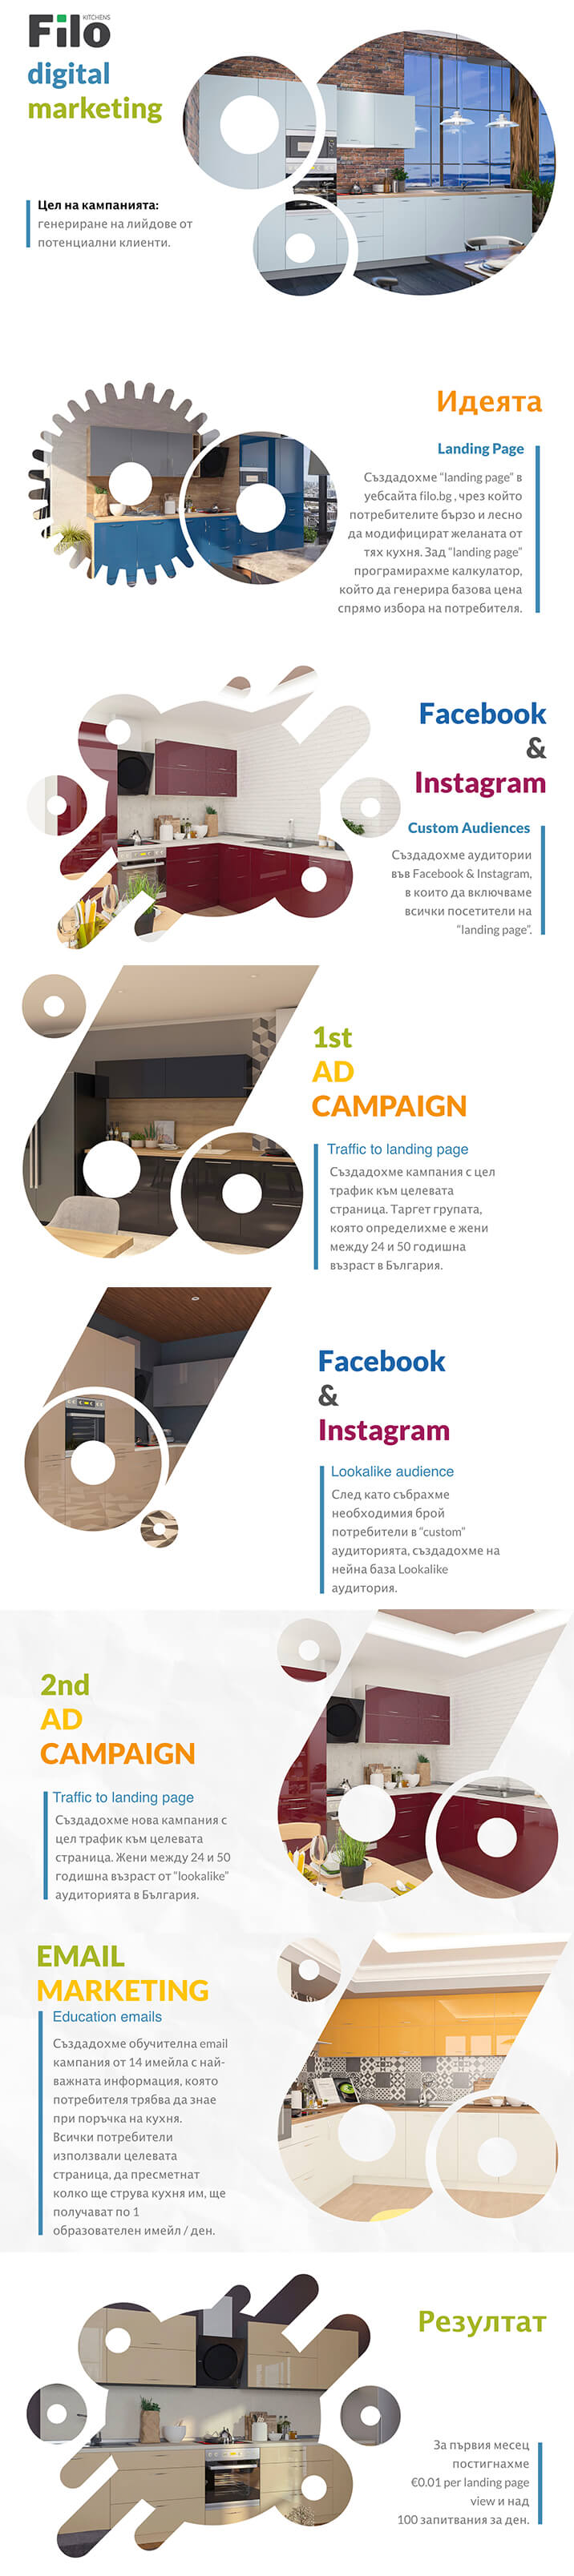 Кухни Filo - дигитален маркетинг